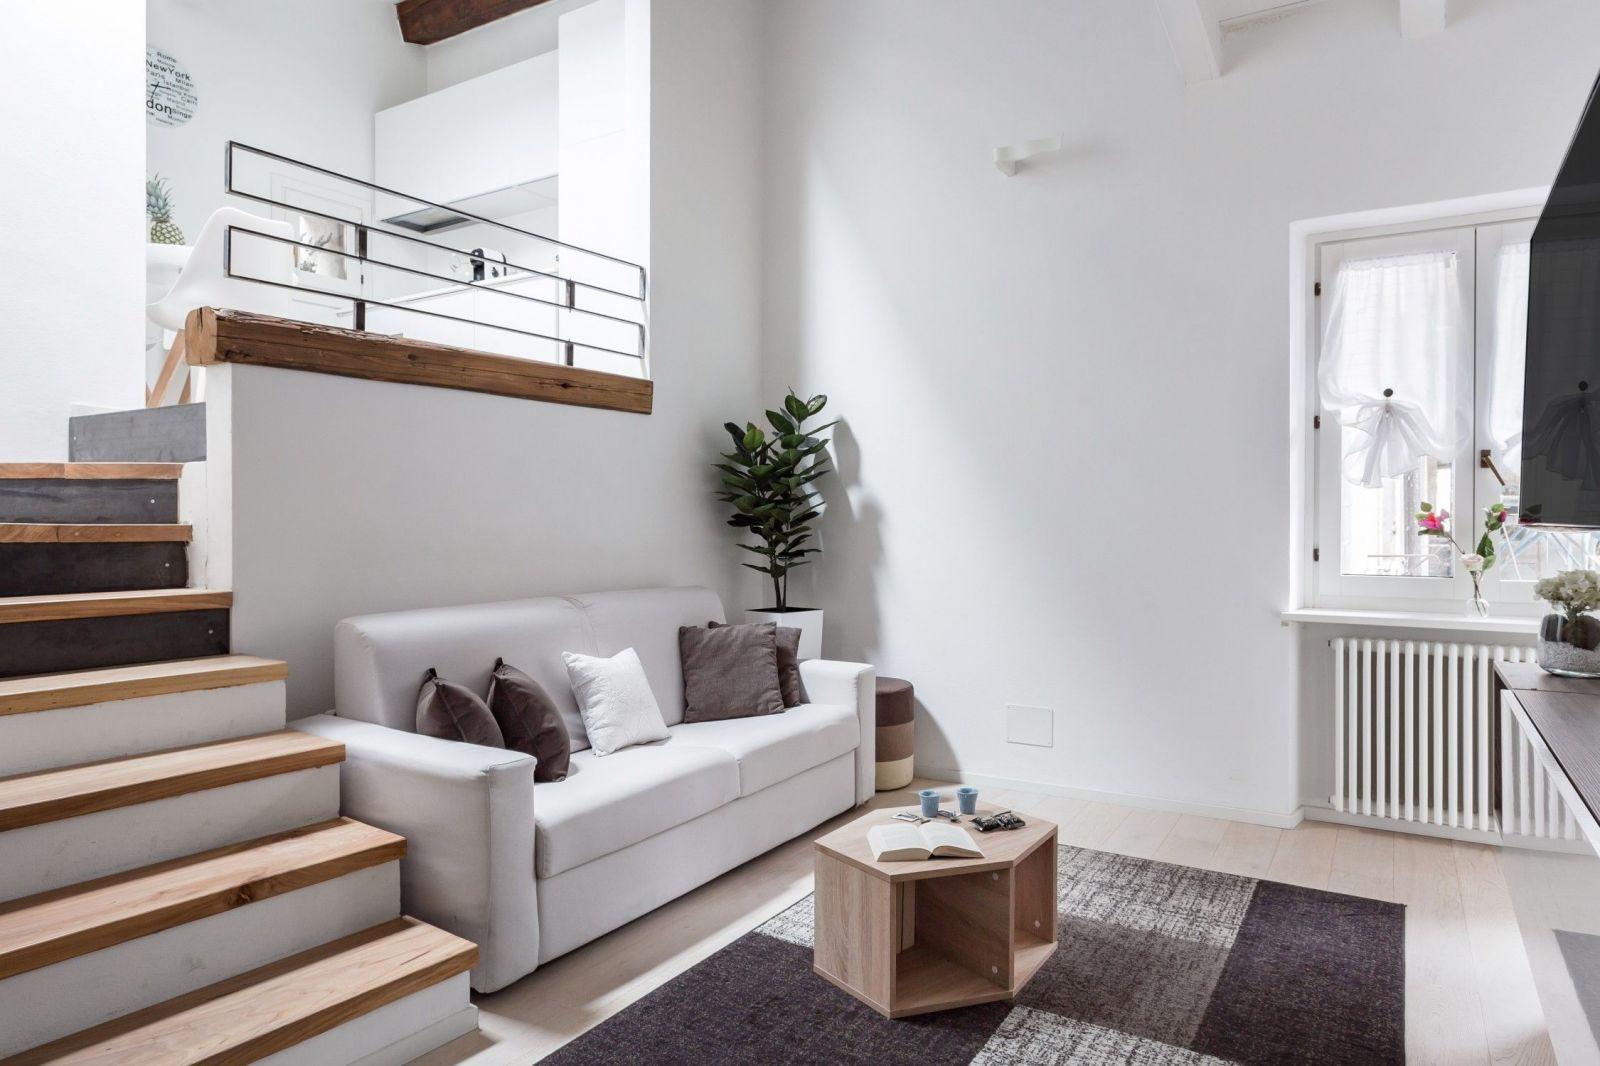 5 nehnuteľnosti na Airbnb, ktoré ťa dostanú svojou krásou, ale aj lokáciou